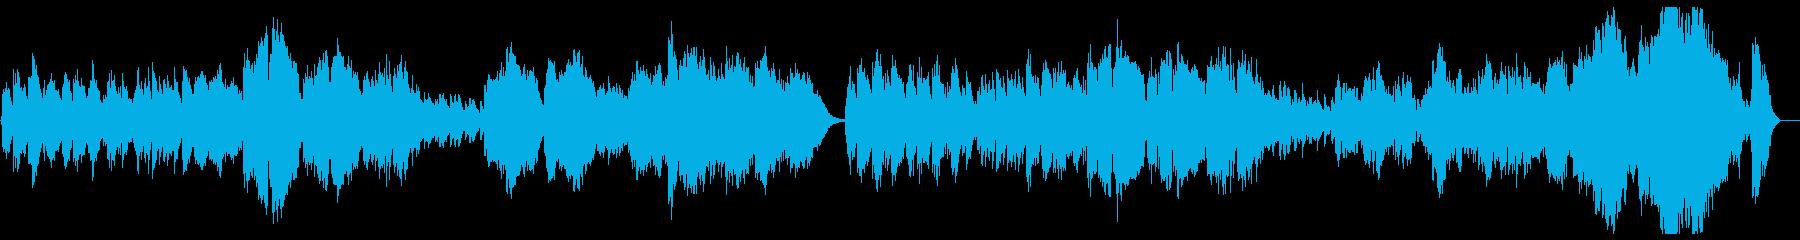 オーケストラのクラシックポップスの再生済みの波形